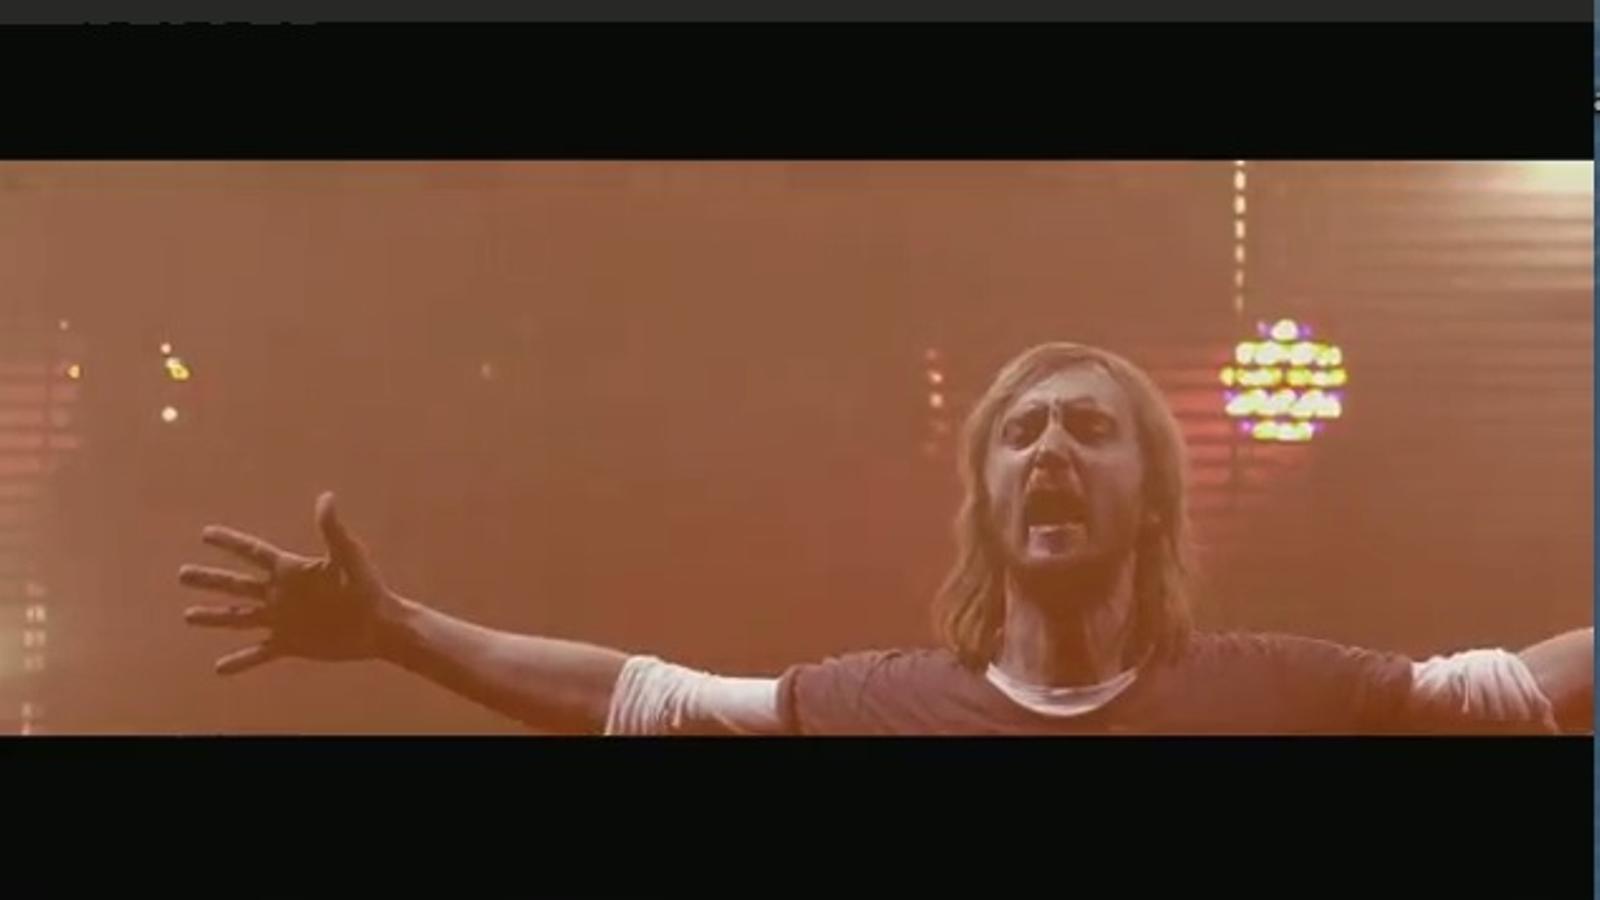 Tràiler de 'Nothing but the beat', el documental sobre David Guetta